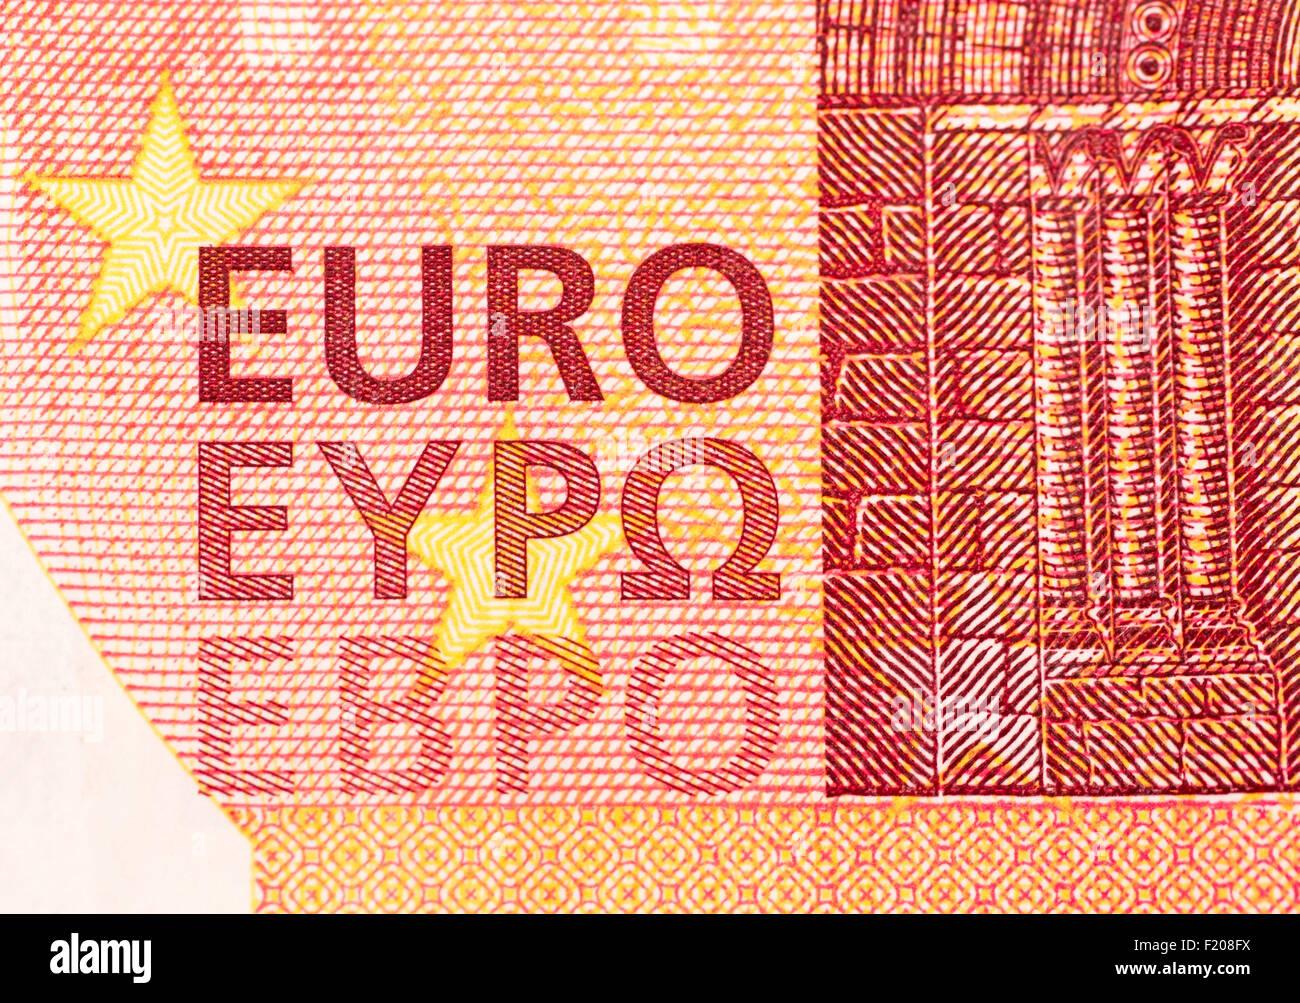 Detail eines 10-Euro-Scheines - Stock Image